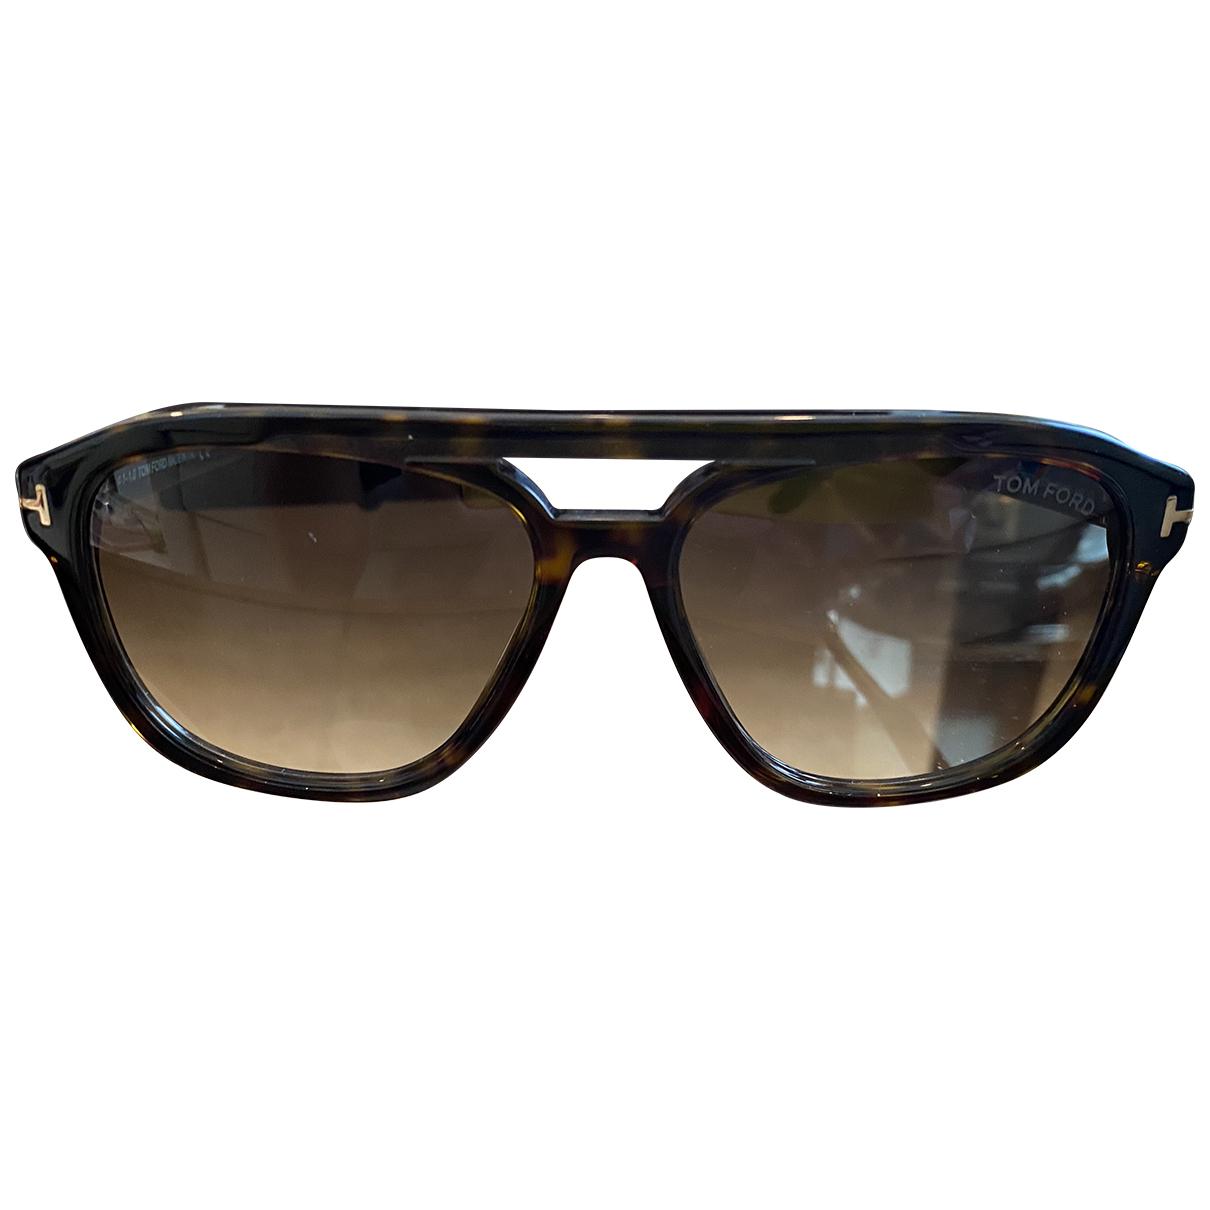 Tom Ford N Brown Metal Sunglasses for Men